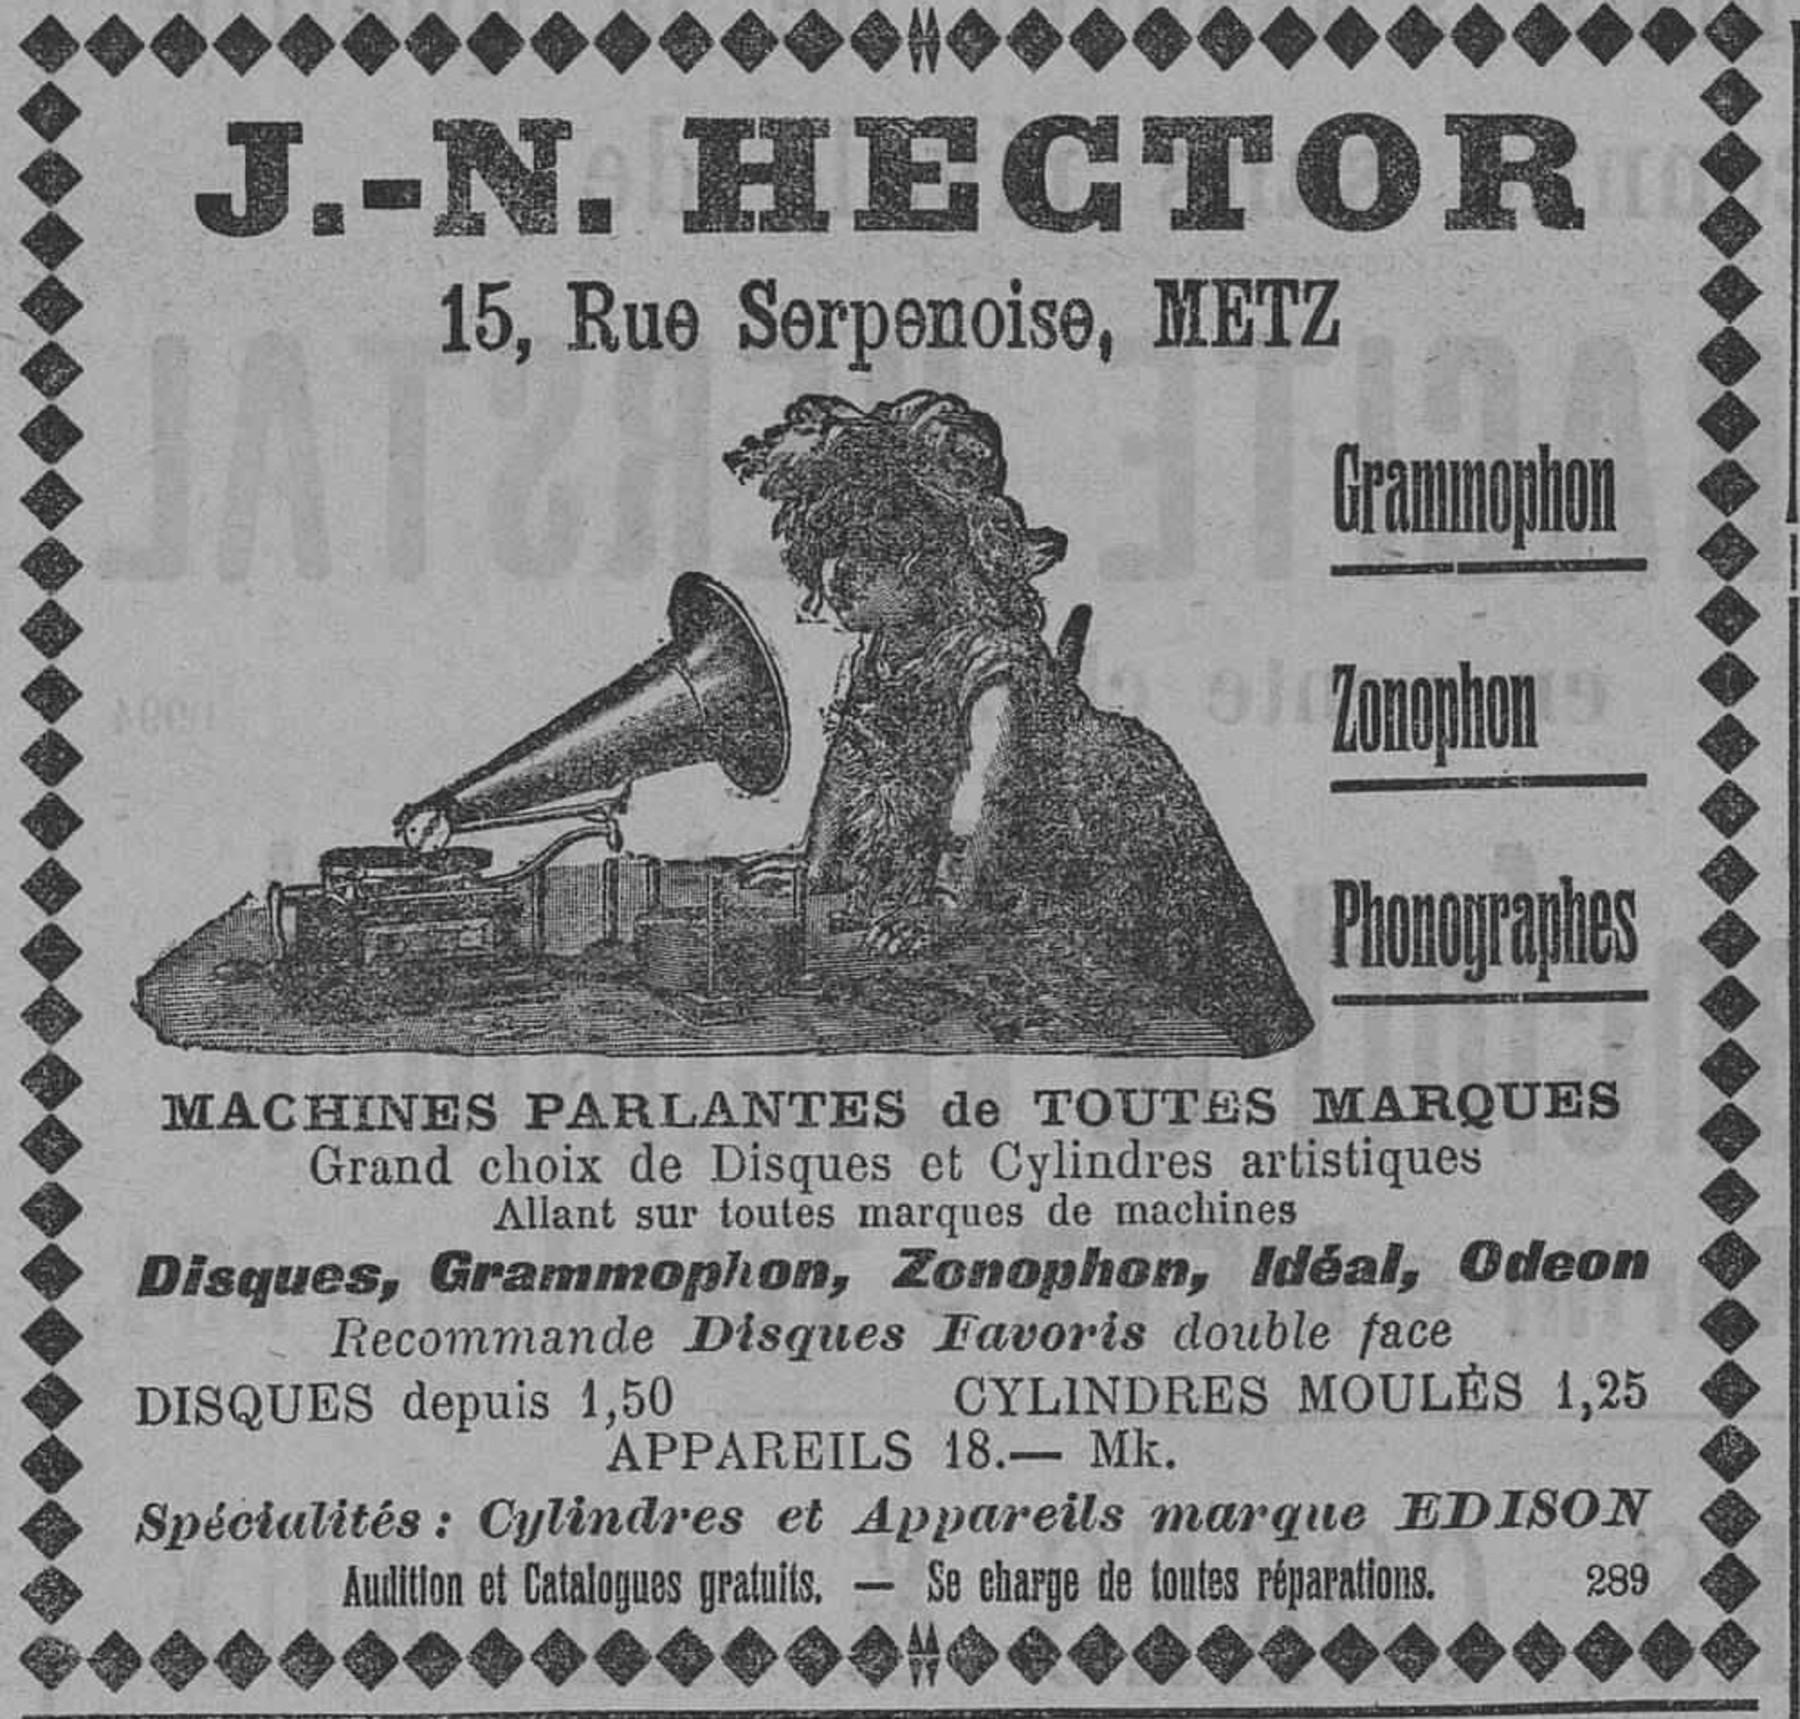 Contenu du Grammophon, Zonophon, Phonographes, machines parlantes de toutes marques